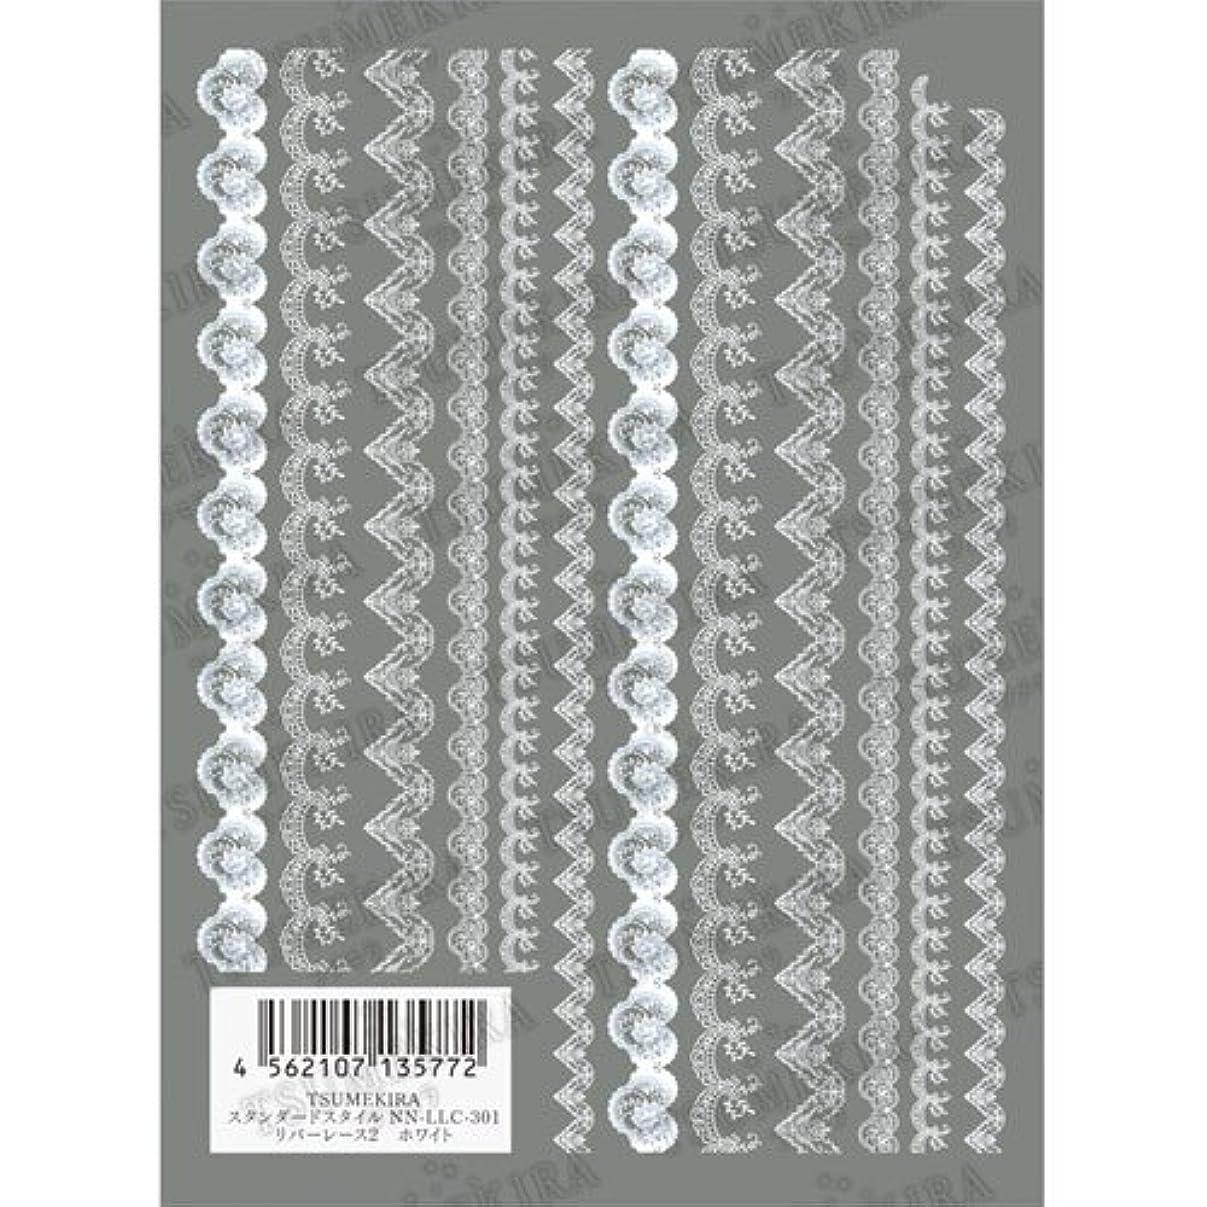 メカニック雰囲気スケルトンツメキラ ネイル用シール スタンダードスタイル リバーレース2 ホワイト